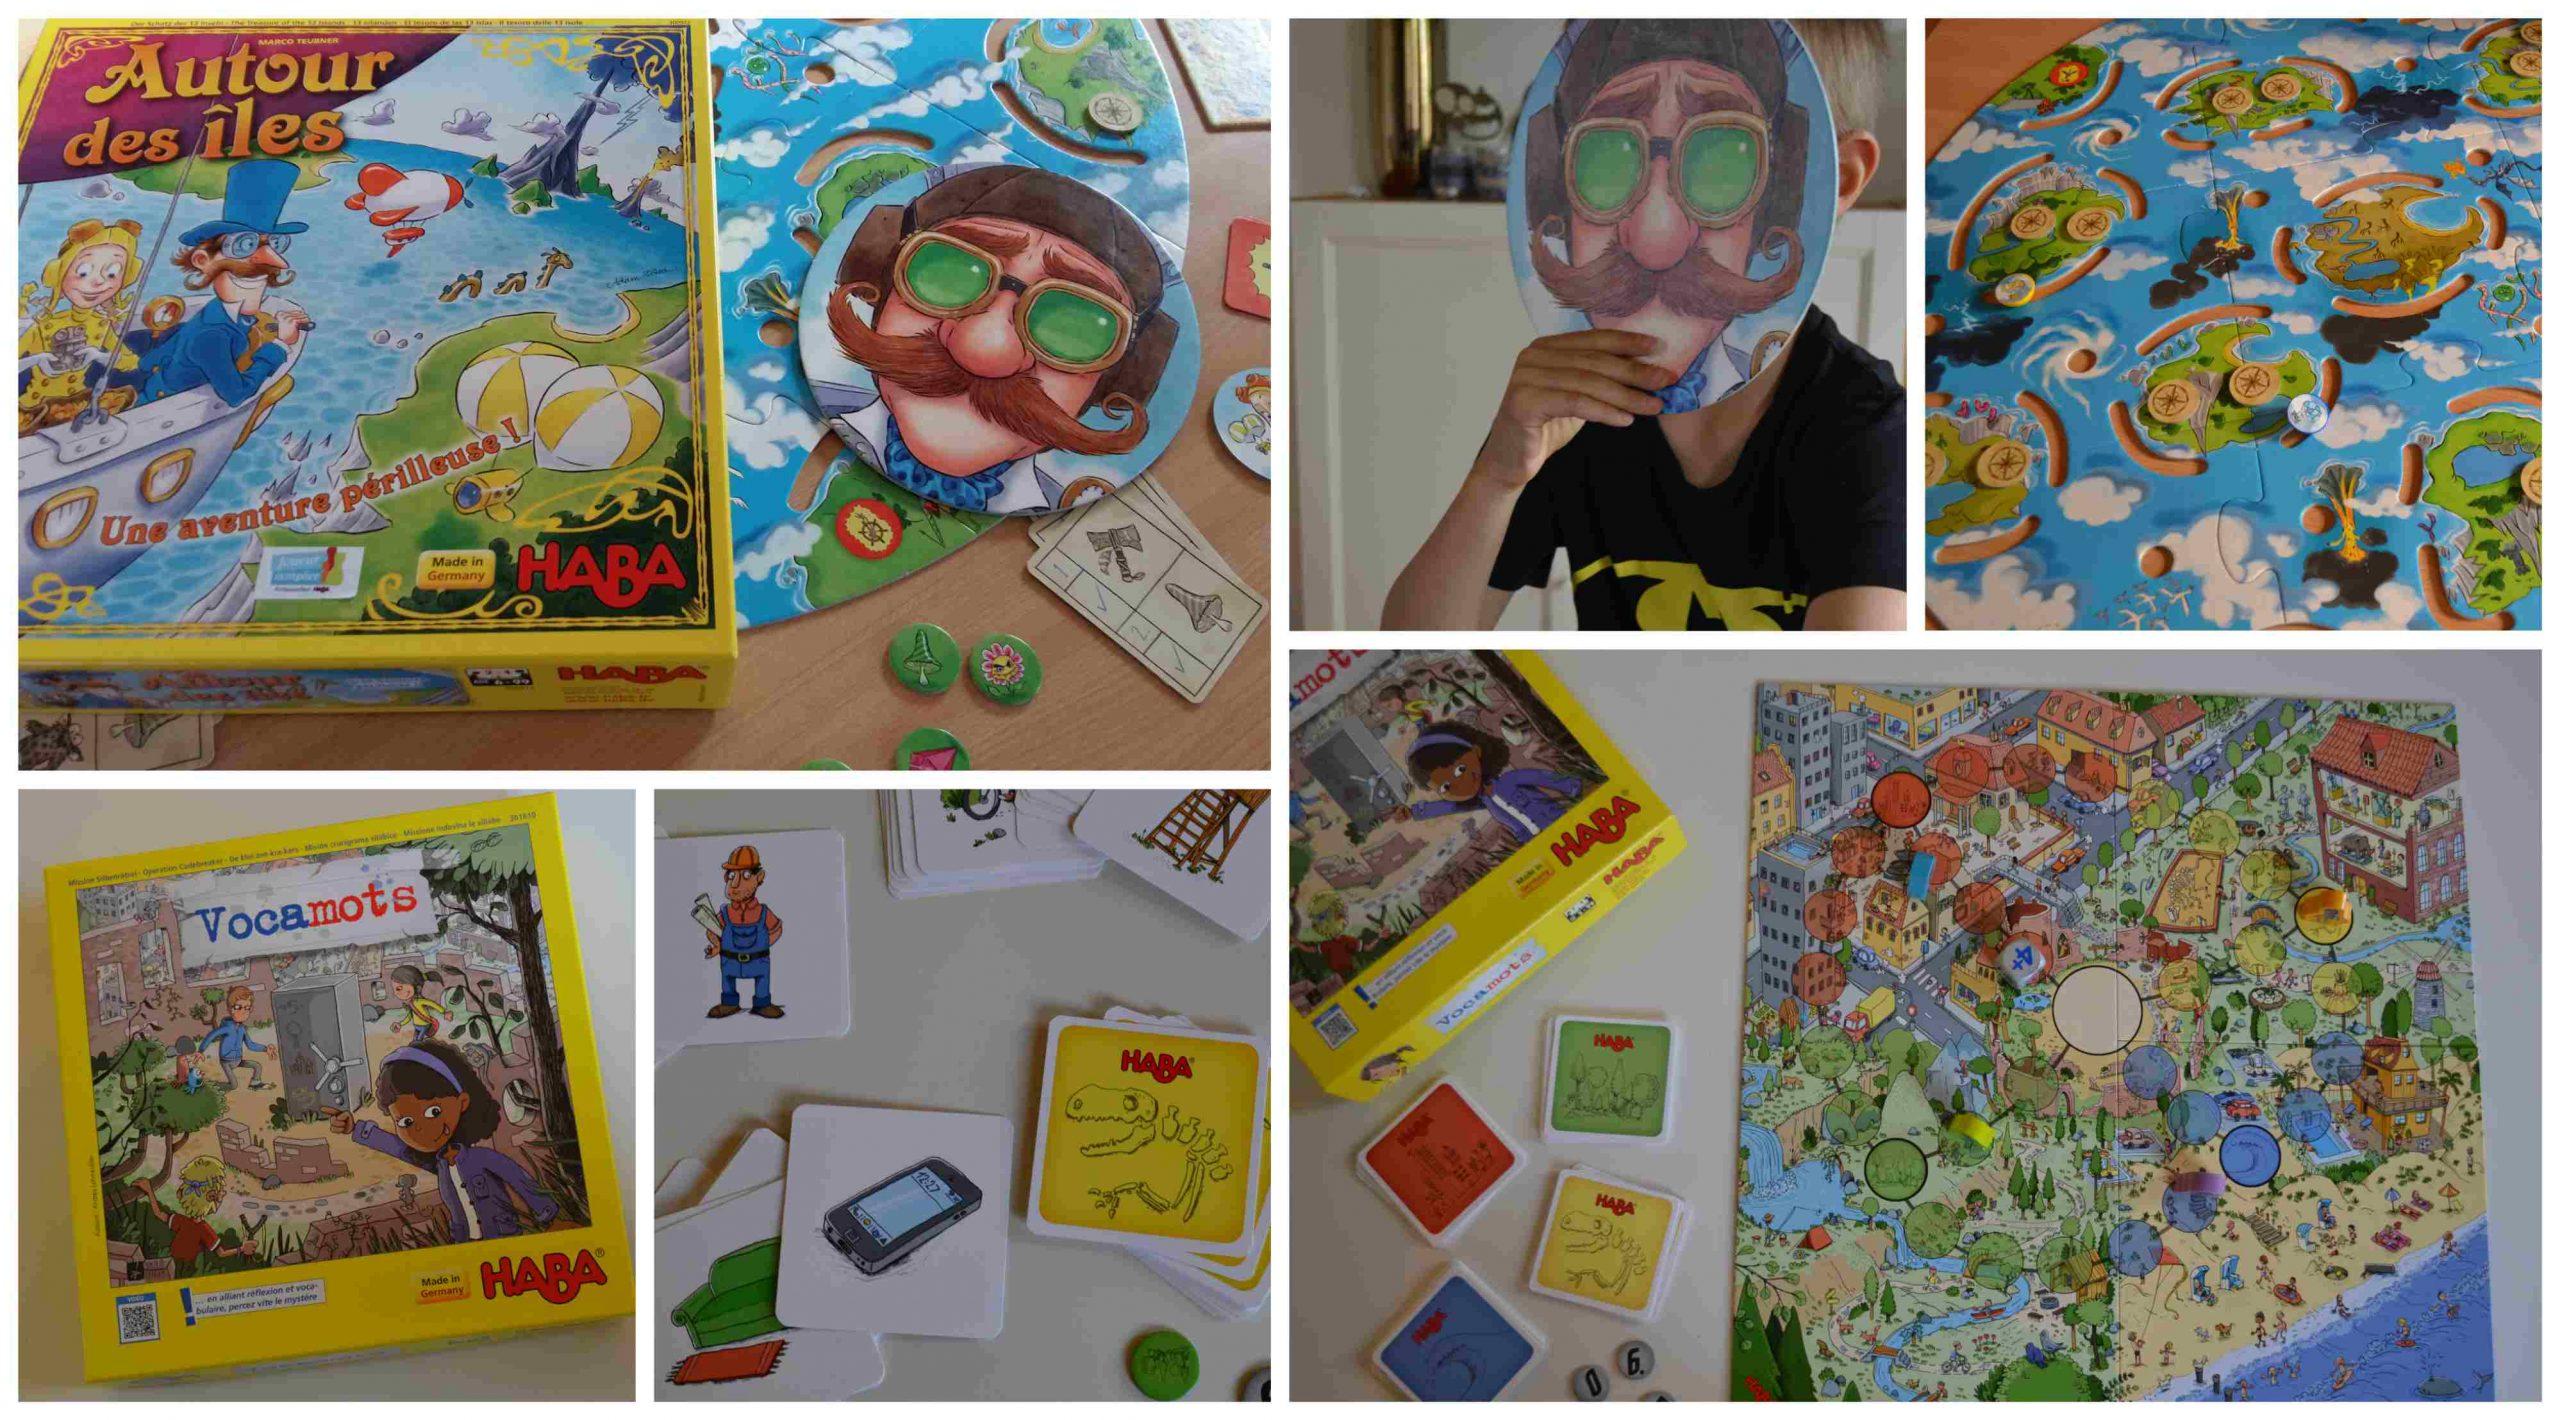 Vocamots & Autour Des Îles : Des Jeux Haba Pour Les 5-7 Ans destiné Jeux Pour Enfant De 5 Ans